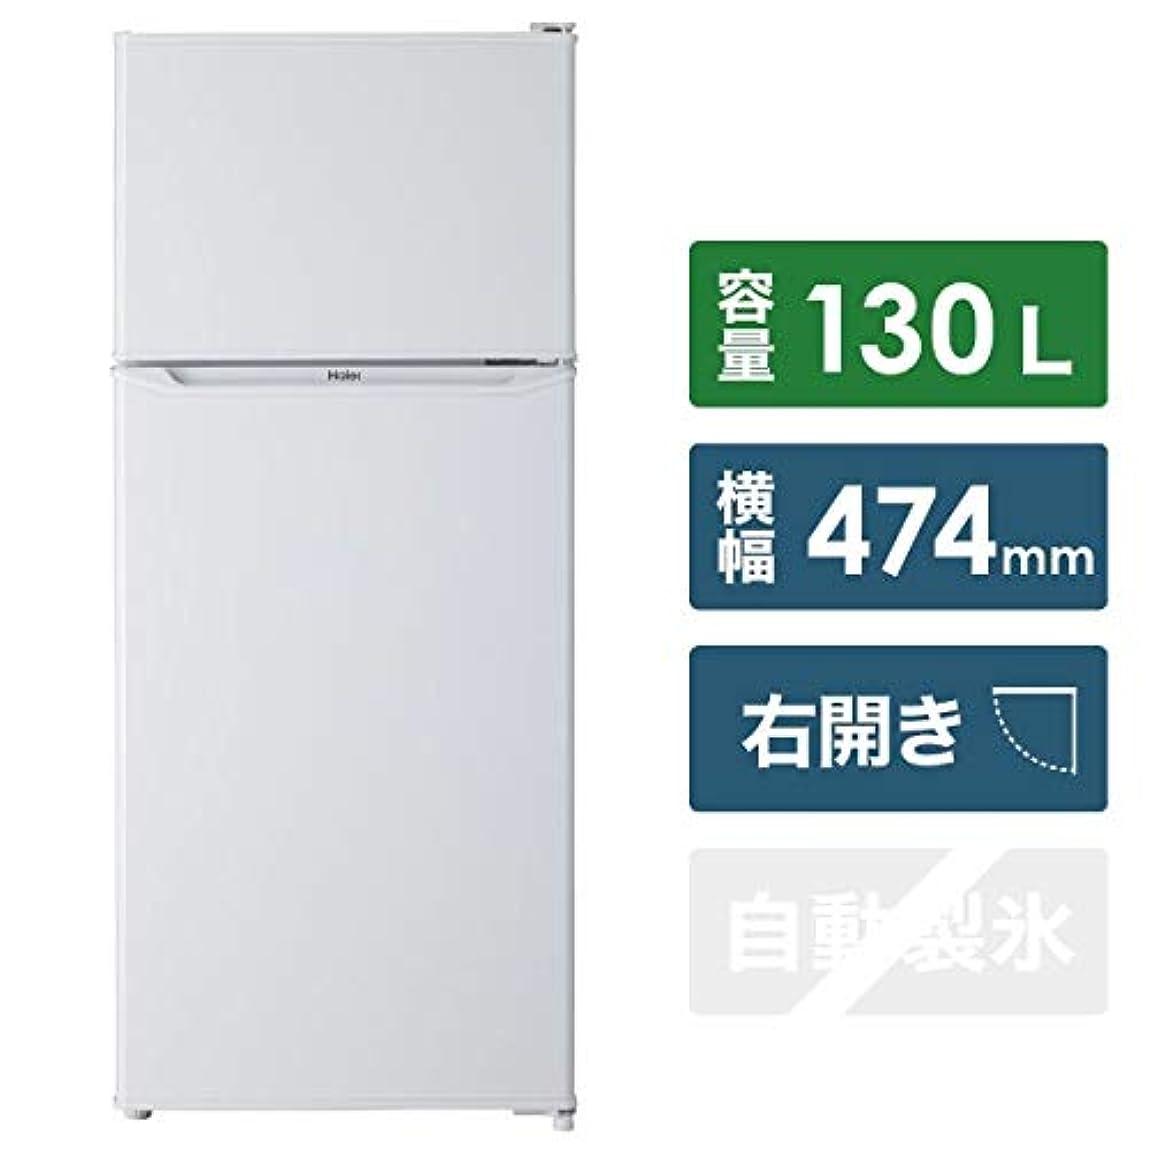 シビック慢なスキムハイアール 130L 2ドア冷蔵庫(直冷式)ホワイト【右開き】Haier JR-N130A-W